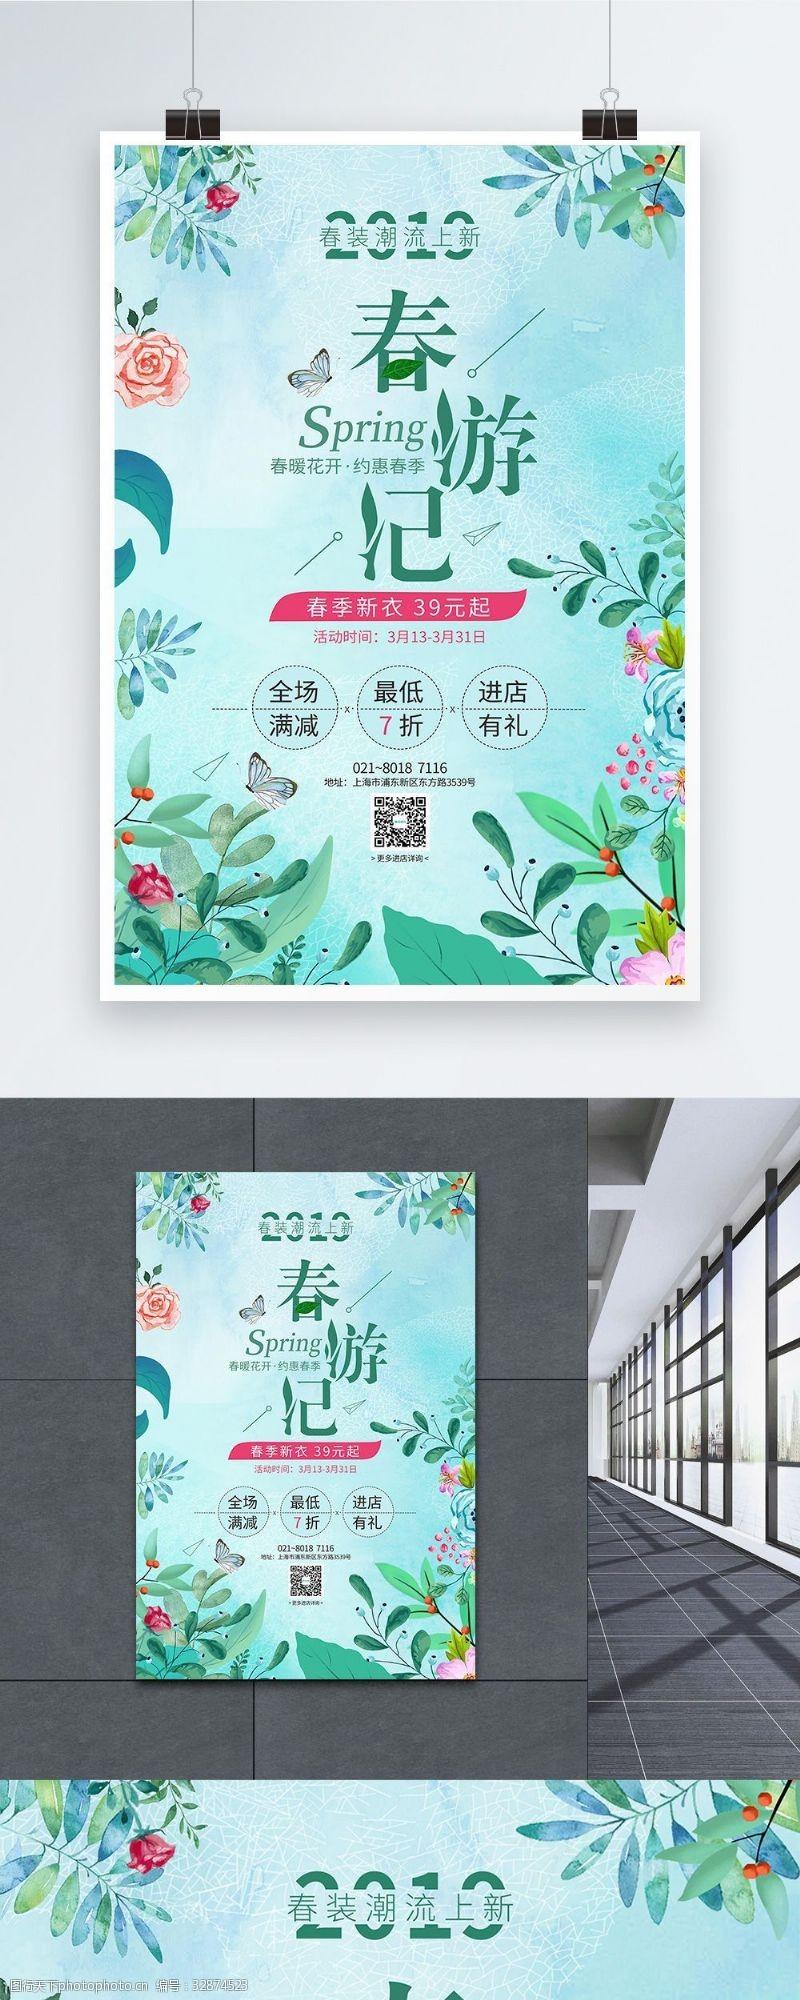 春游记春季促销海报